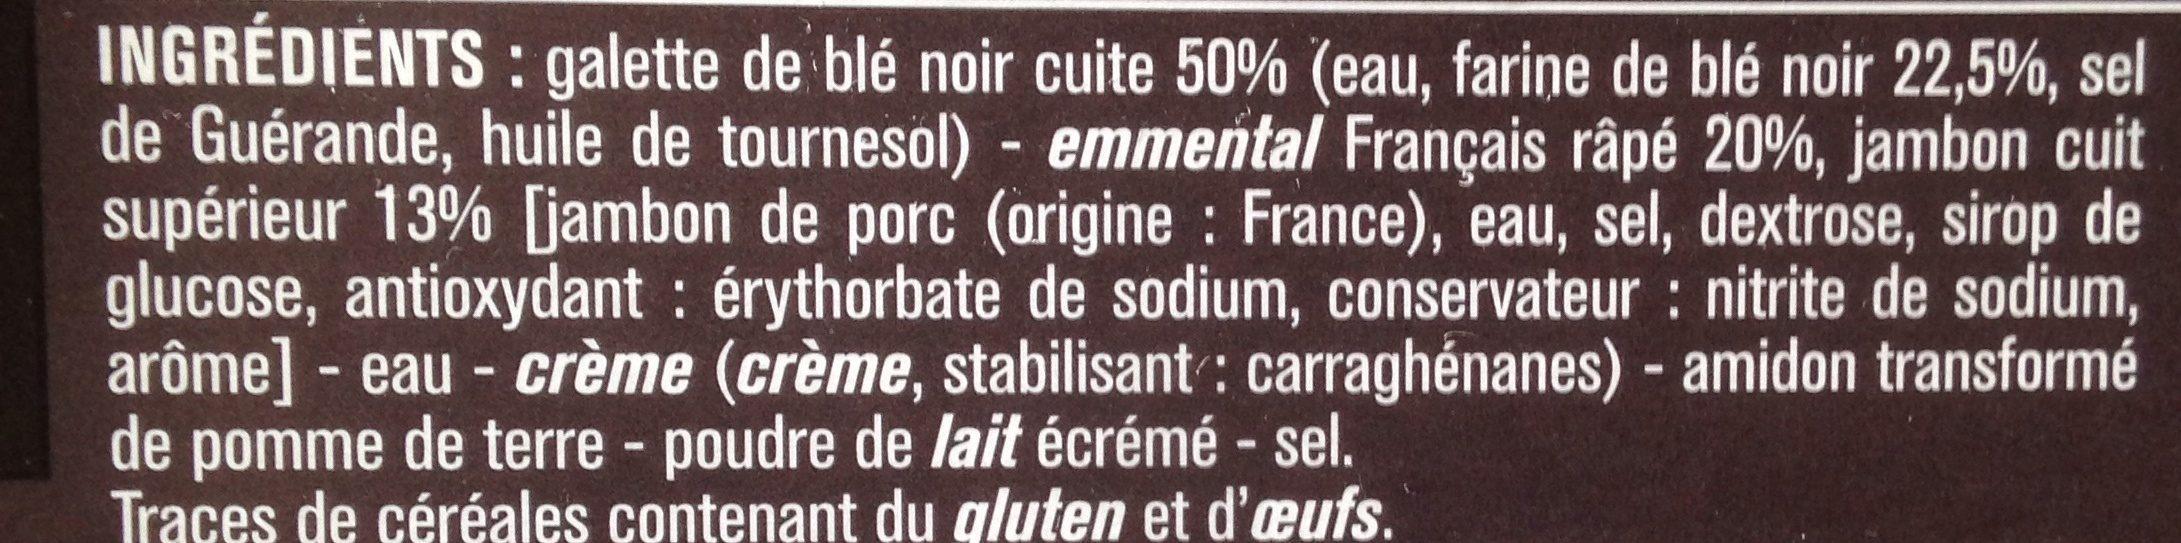 2 galettes de blé noir jambon emmental - Ingrédients - fr